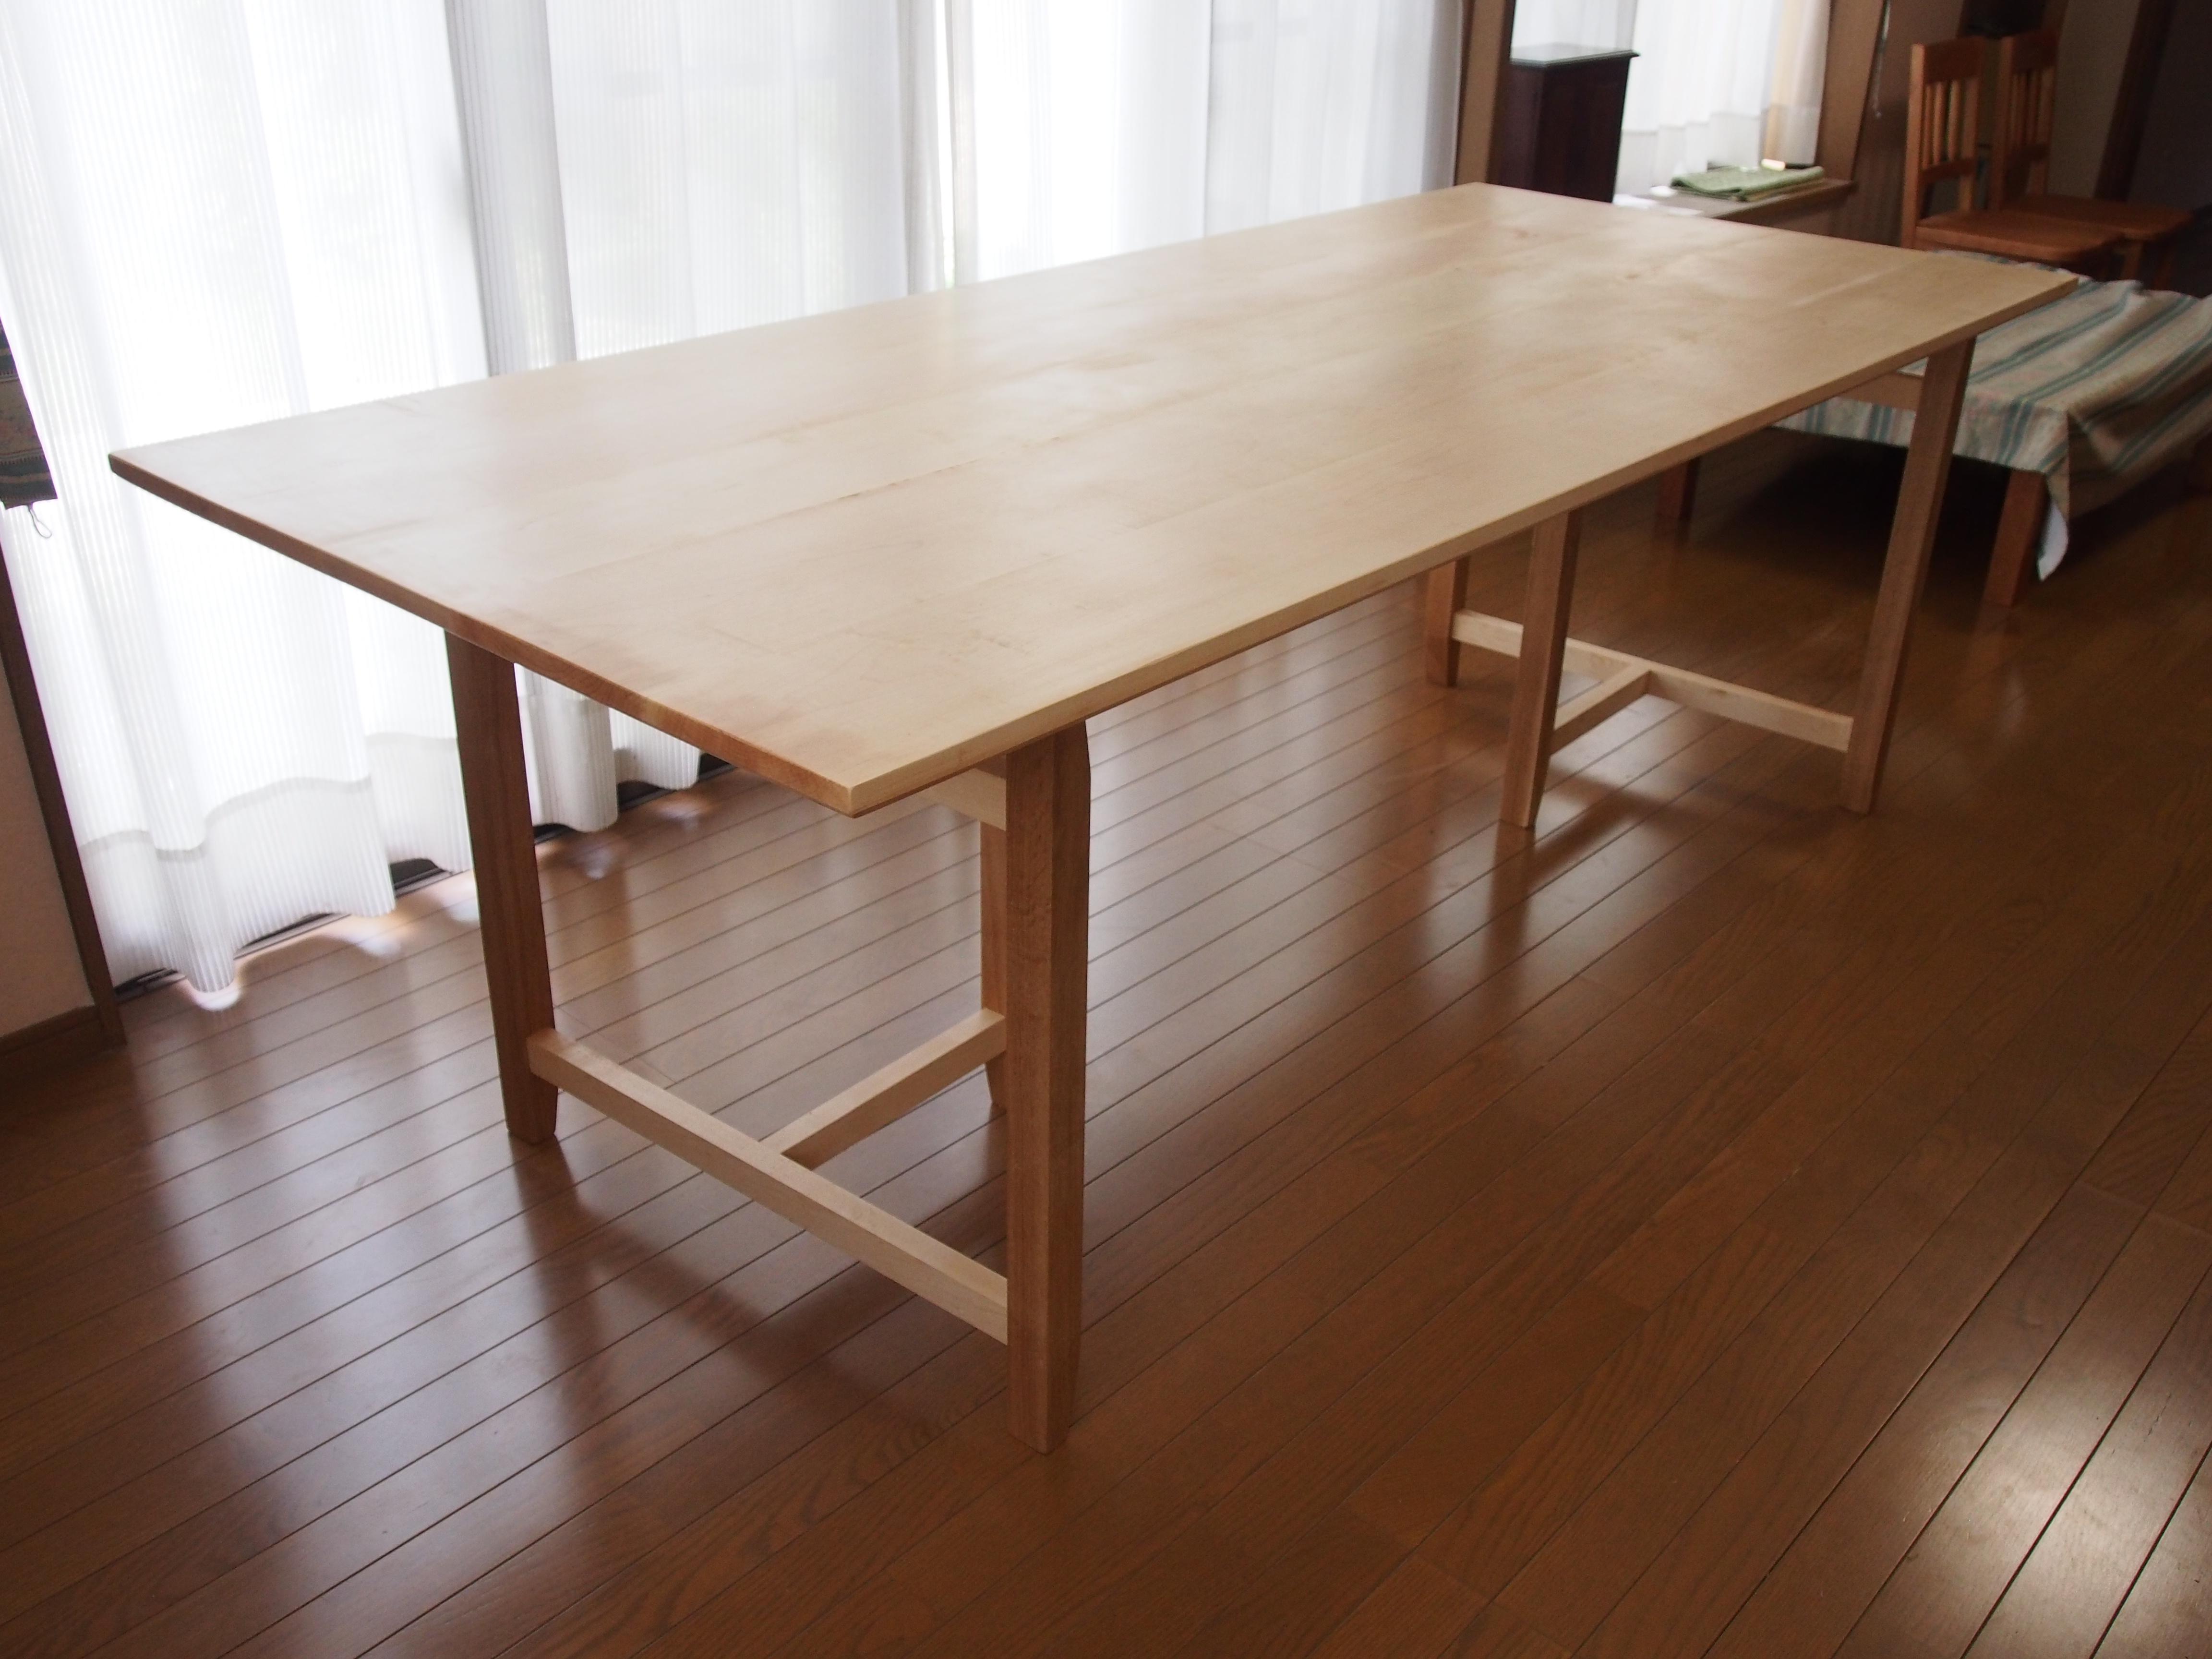 【那須高原 じざい工房 小林康文の素材を活かす家具づくり】